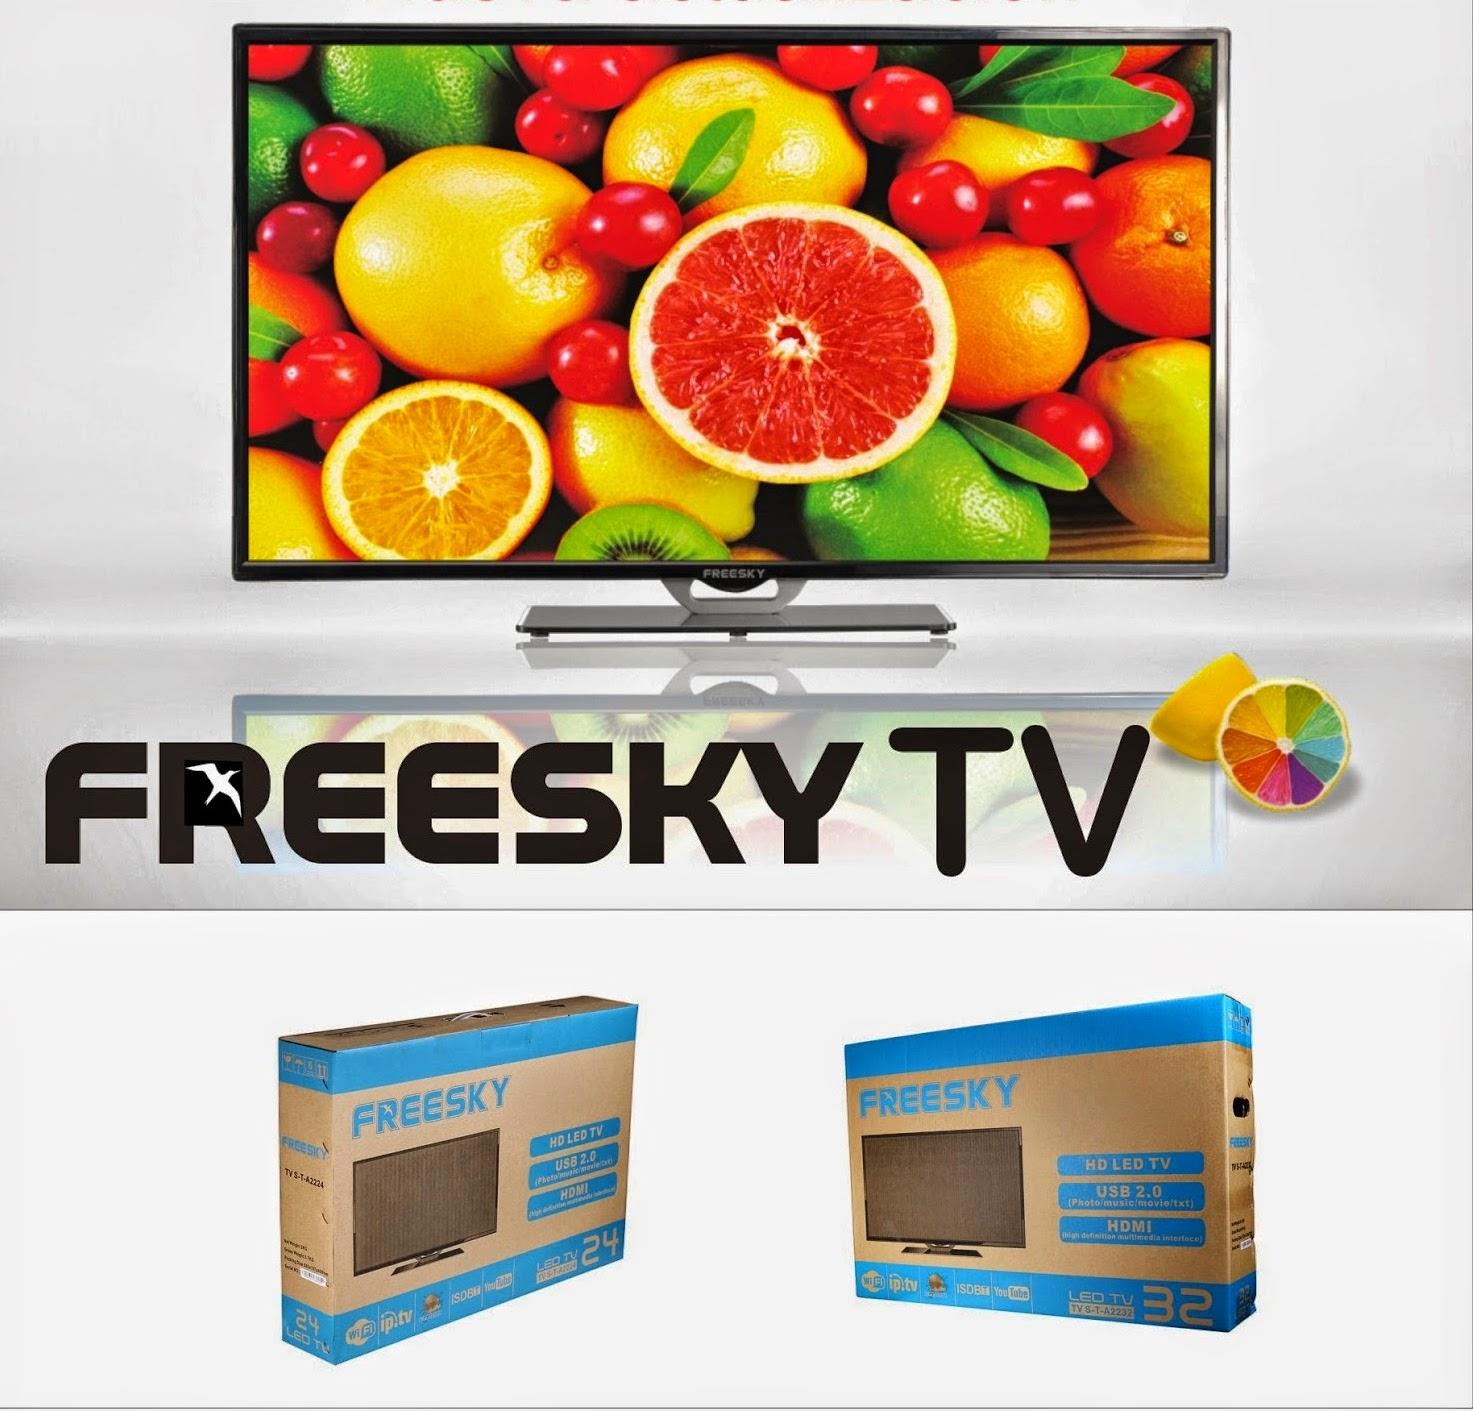 Colocar CS freeskt%2Btv Atualização nova Freesky TV 2015 comprar cs